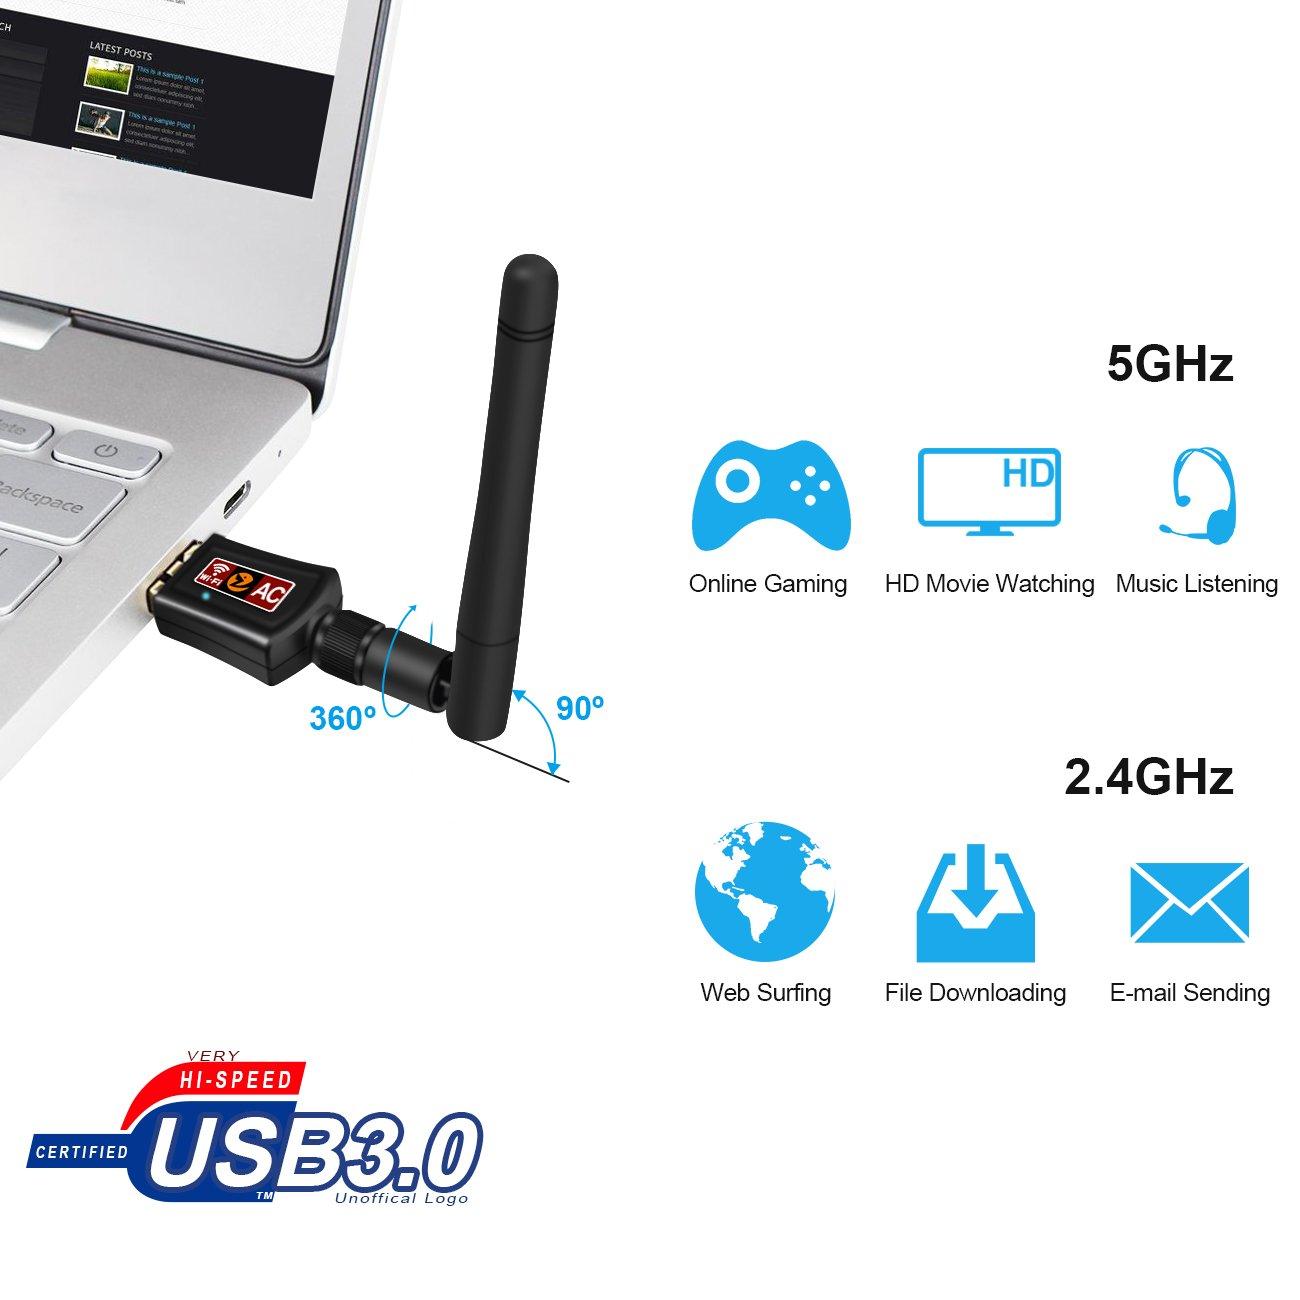 Zoweetek® Clé USB Wifi 600 Mbp avec Antenne Double Bande | USB 2.0 | Plug and Play | WPS | Indicateur LED | Deux Fréquences 2,4 / 5 GHz | Nouvelle norme Wi-Fi 802.11B / G / N / AC | Compatible avec Windows XP/ Vista/ 7/ 8/ 10, Linux, Mac OS